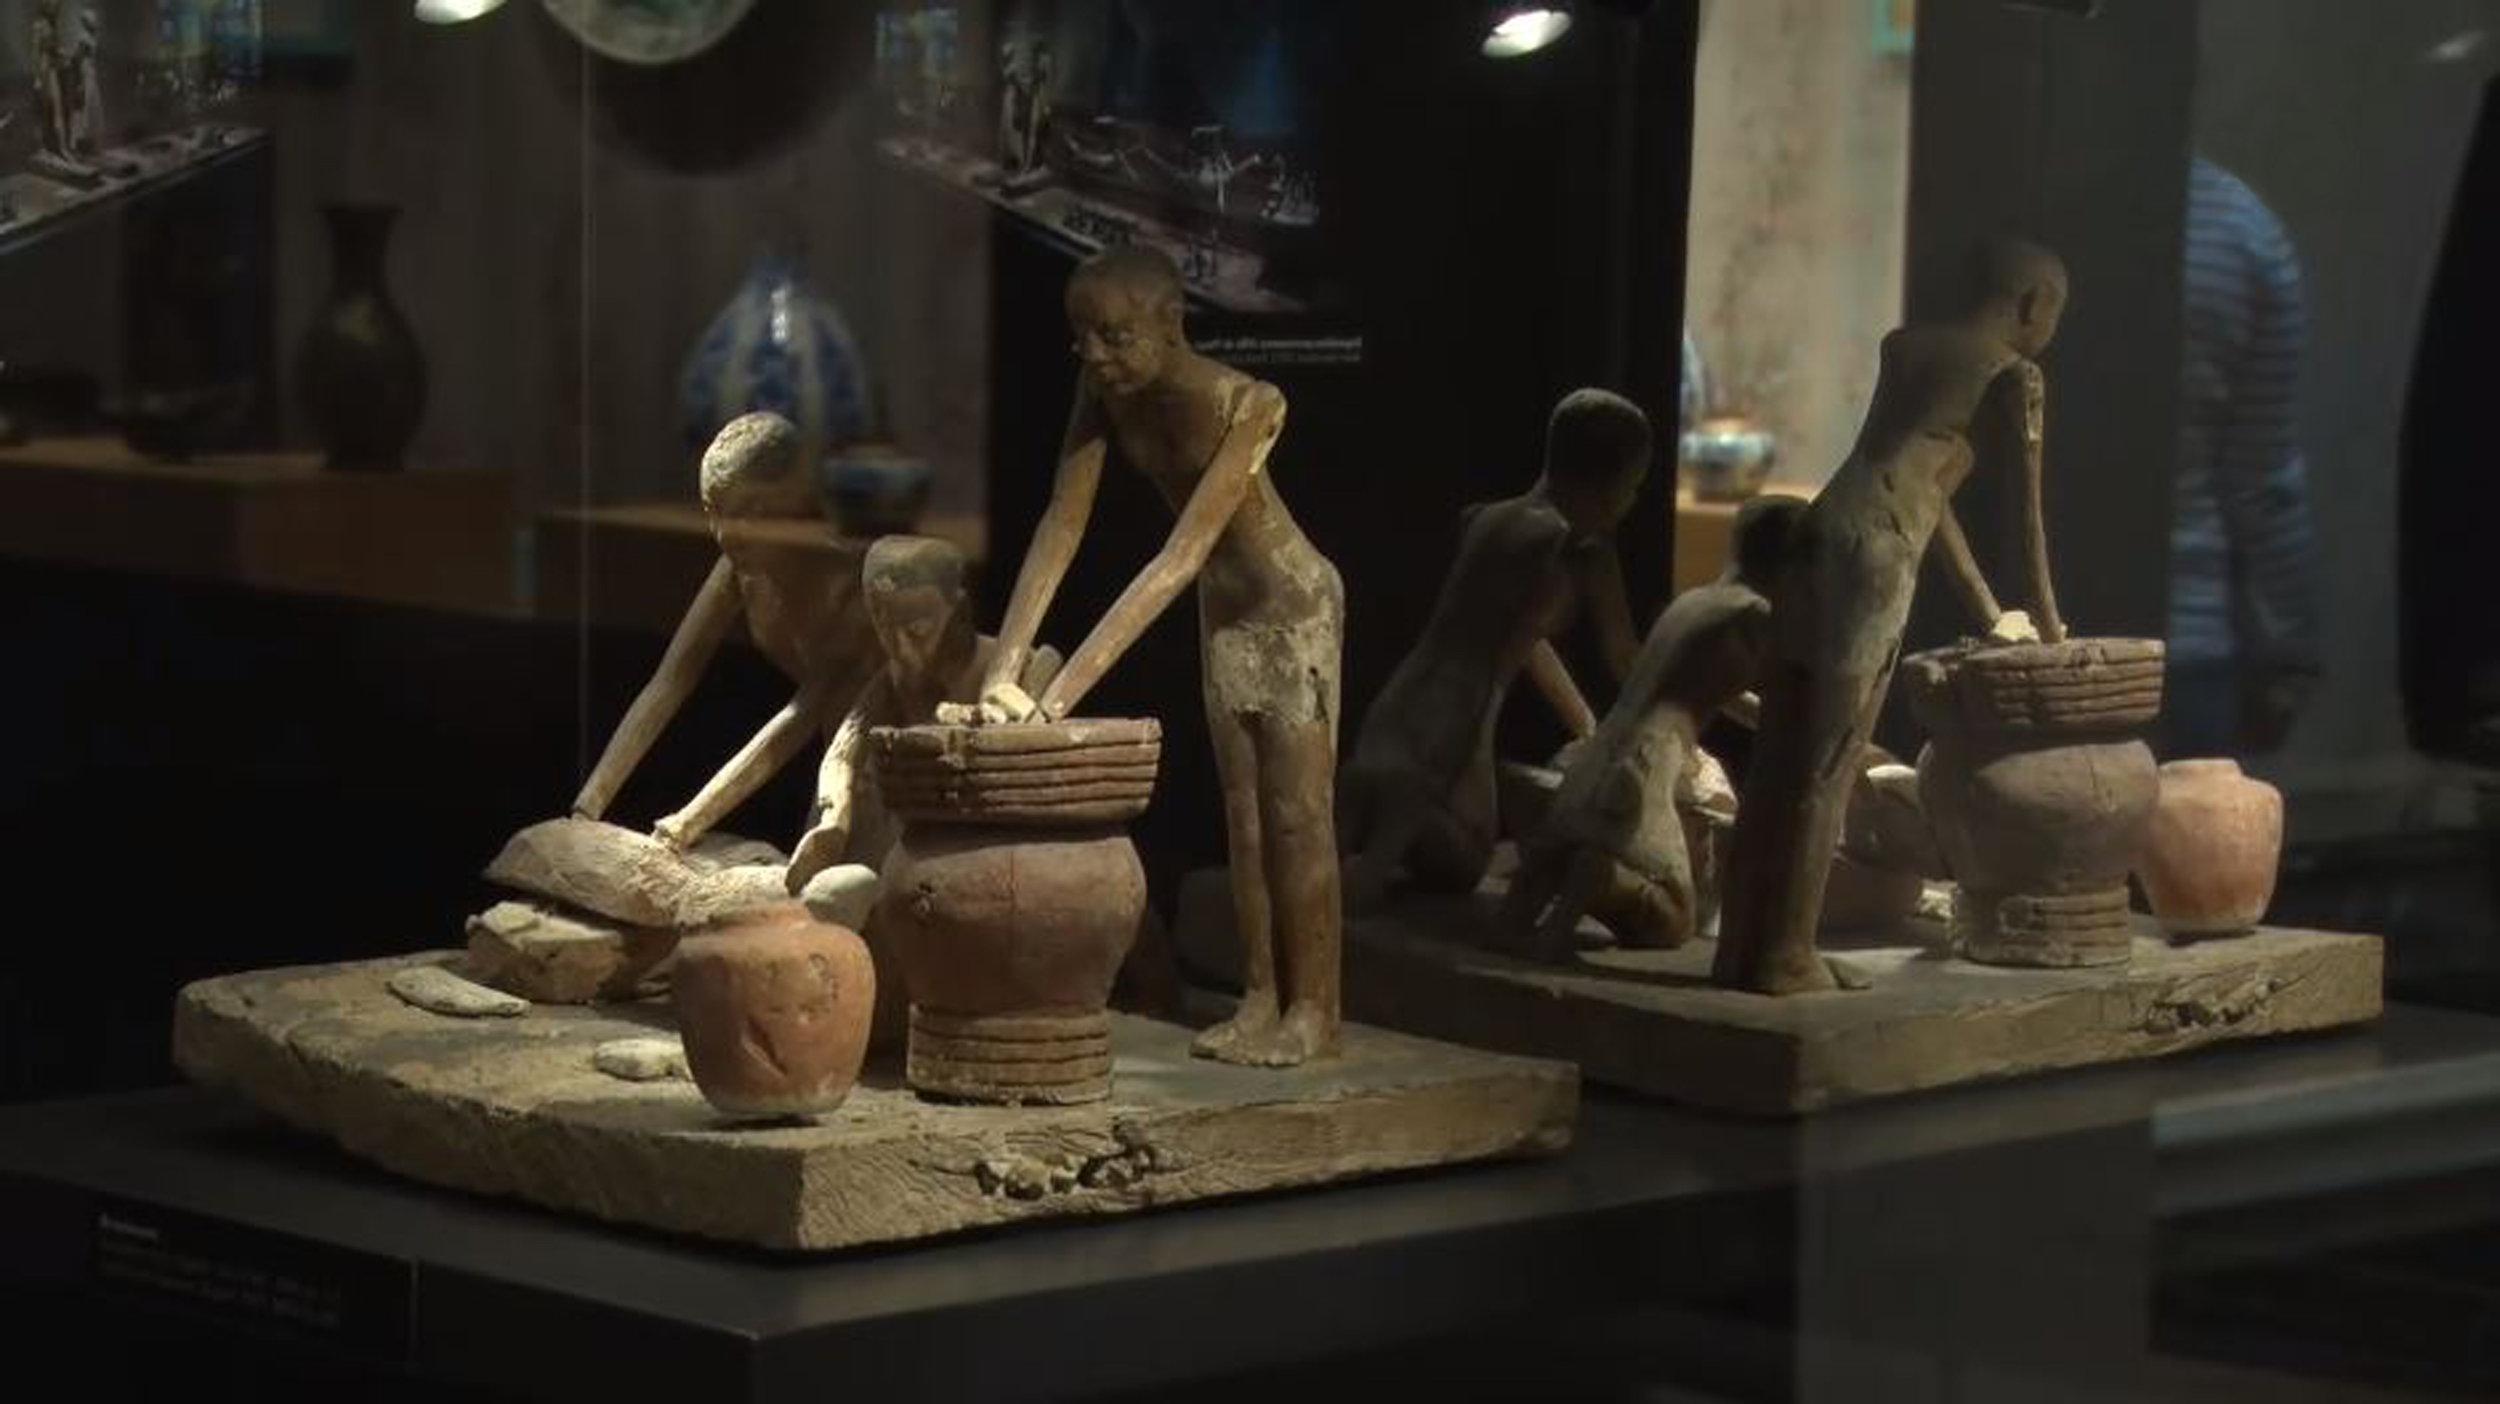 Dans le secteur Bazar se trouvent des vitrines très originales et racontant chacune une histoire de l'ethnologie. Ici, du mobilier funéraire egyptien.